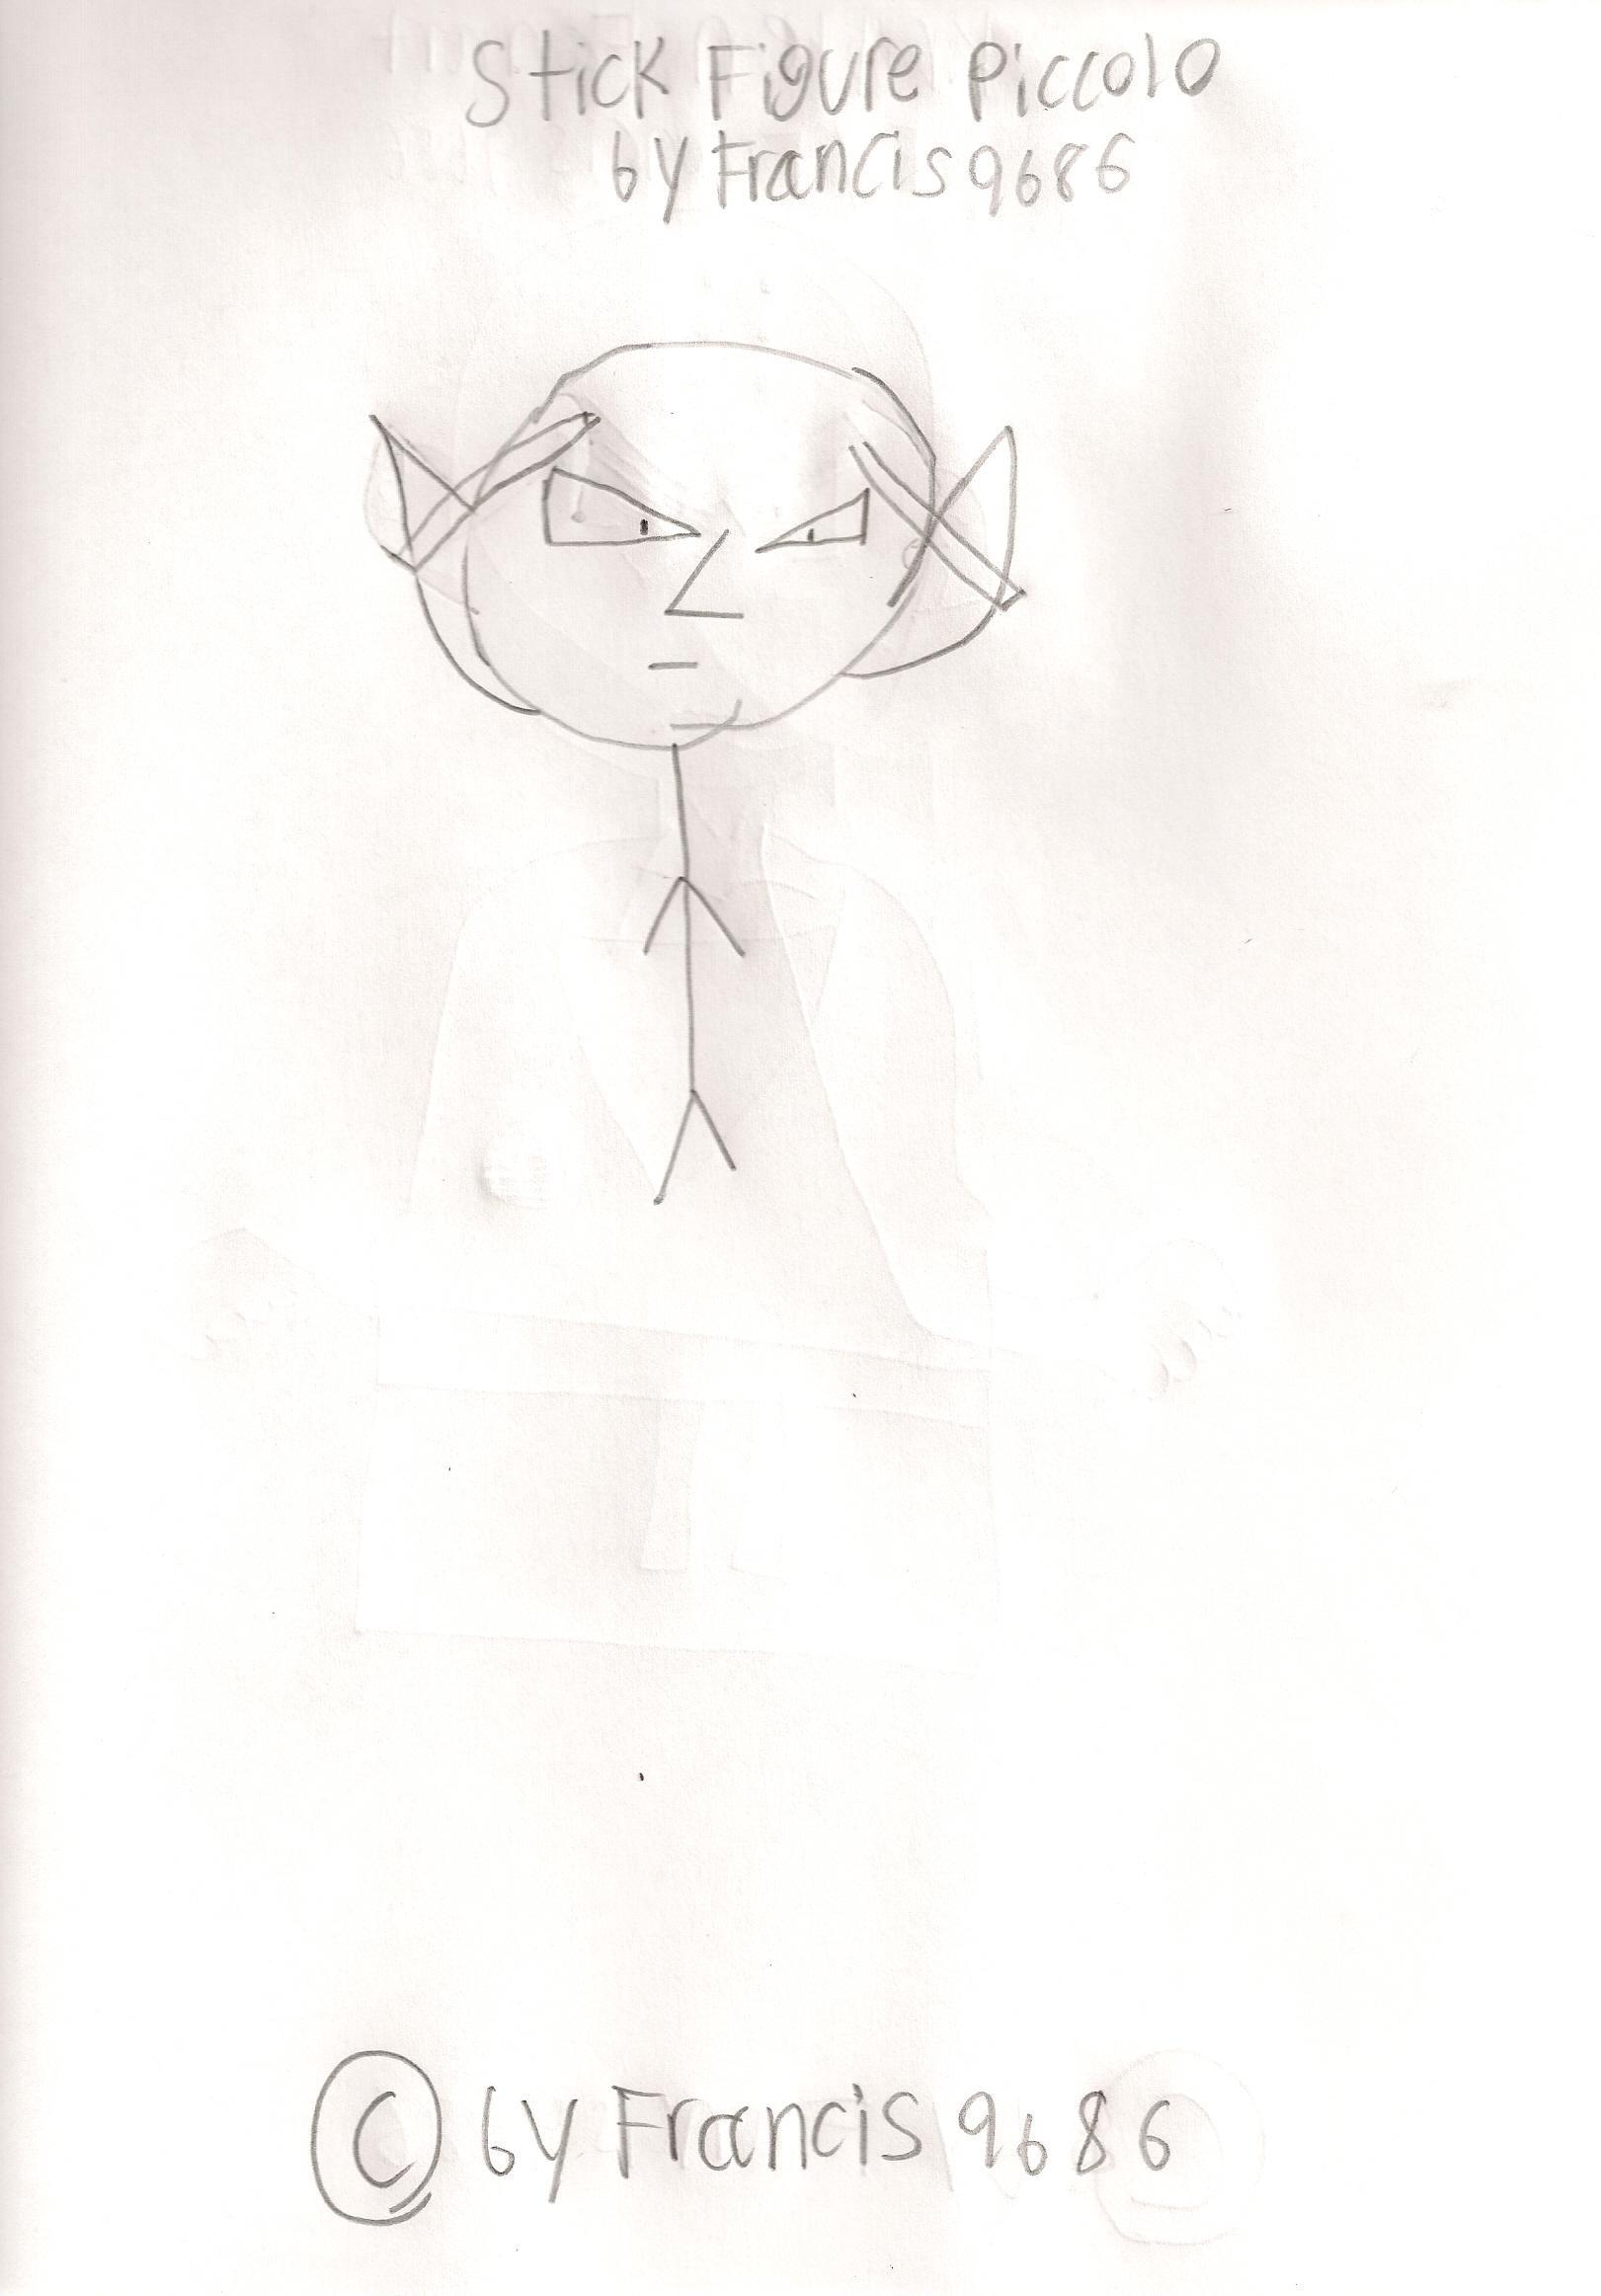 Stick Figure Piccolo